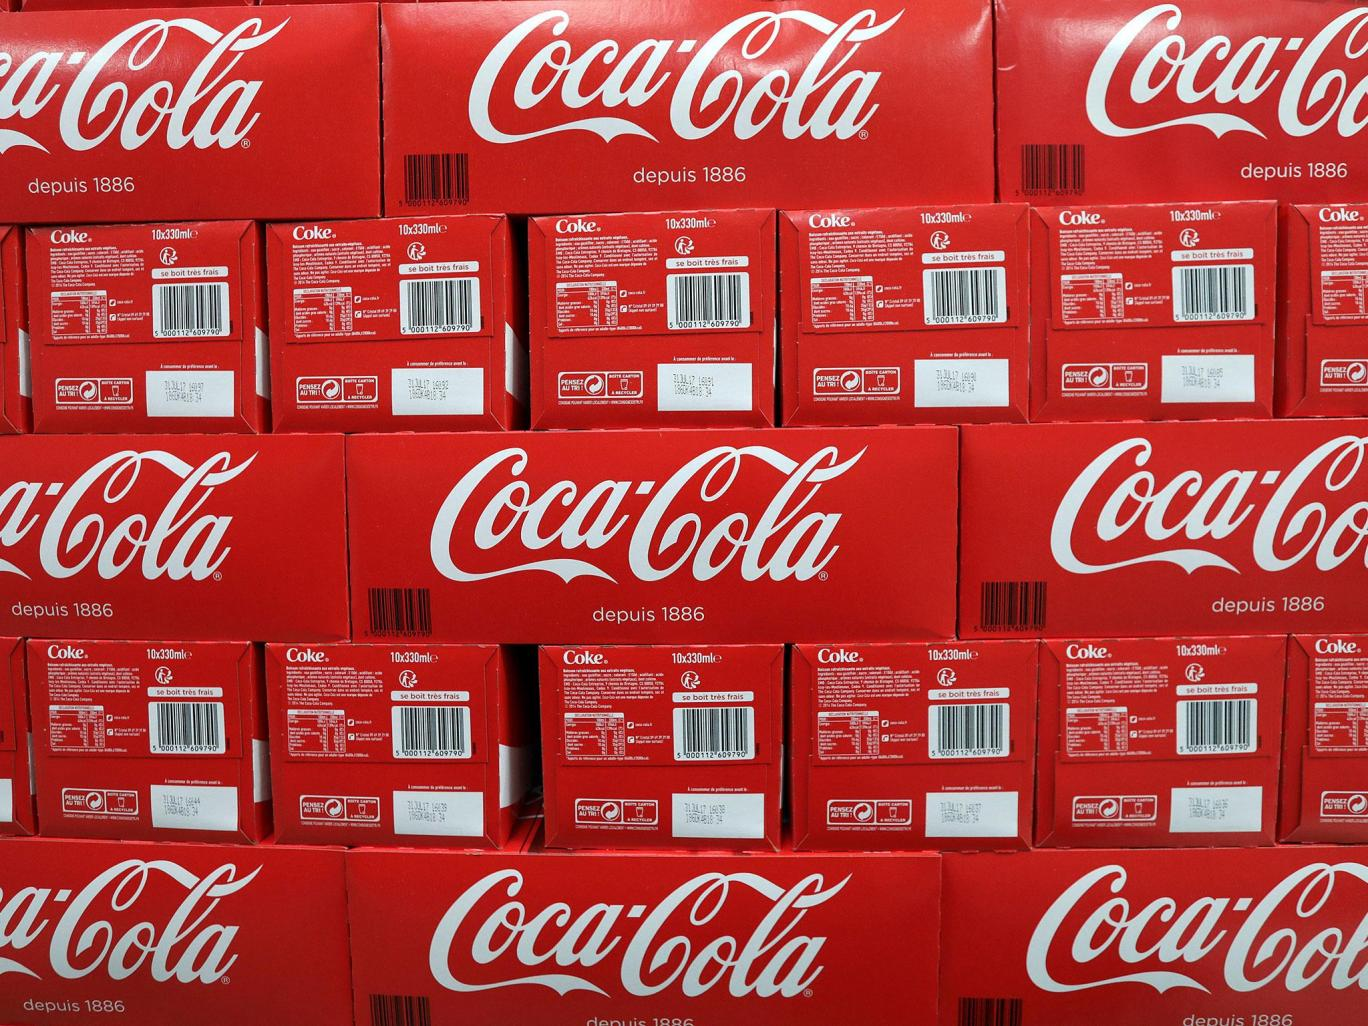 كوكاكولا ستضاعف كمية البلاستيك المعاد تدويره في زجاجاتها بحلول العام 2020